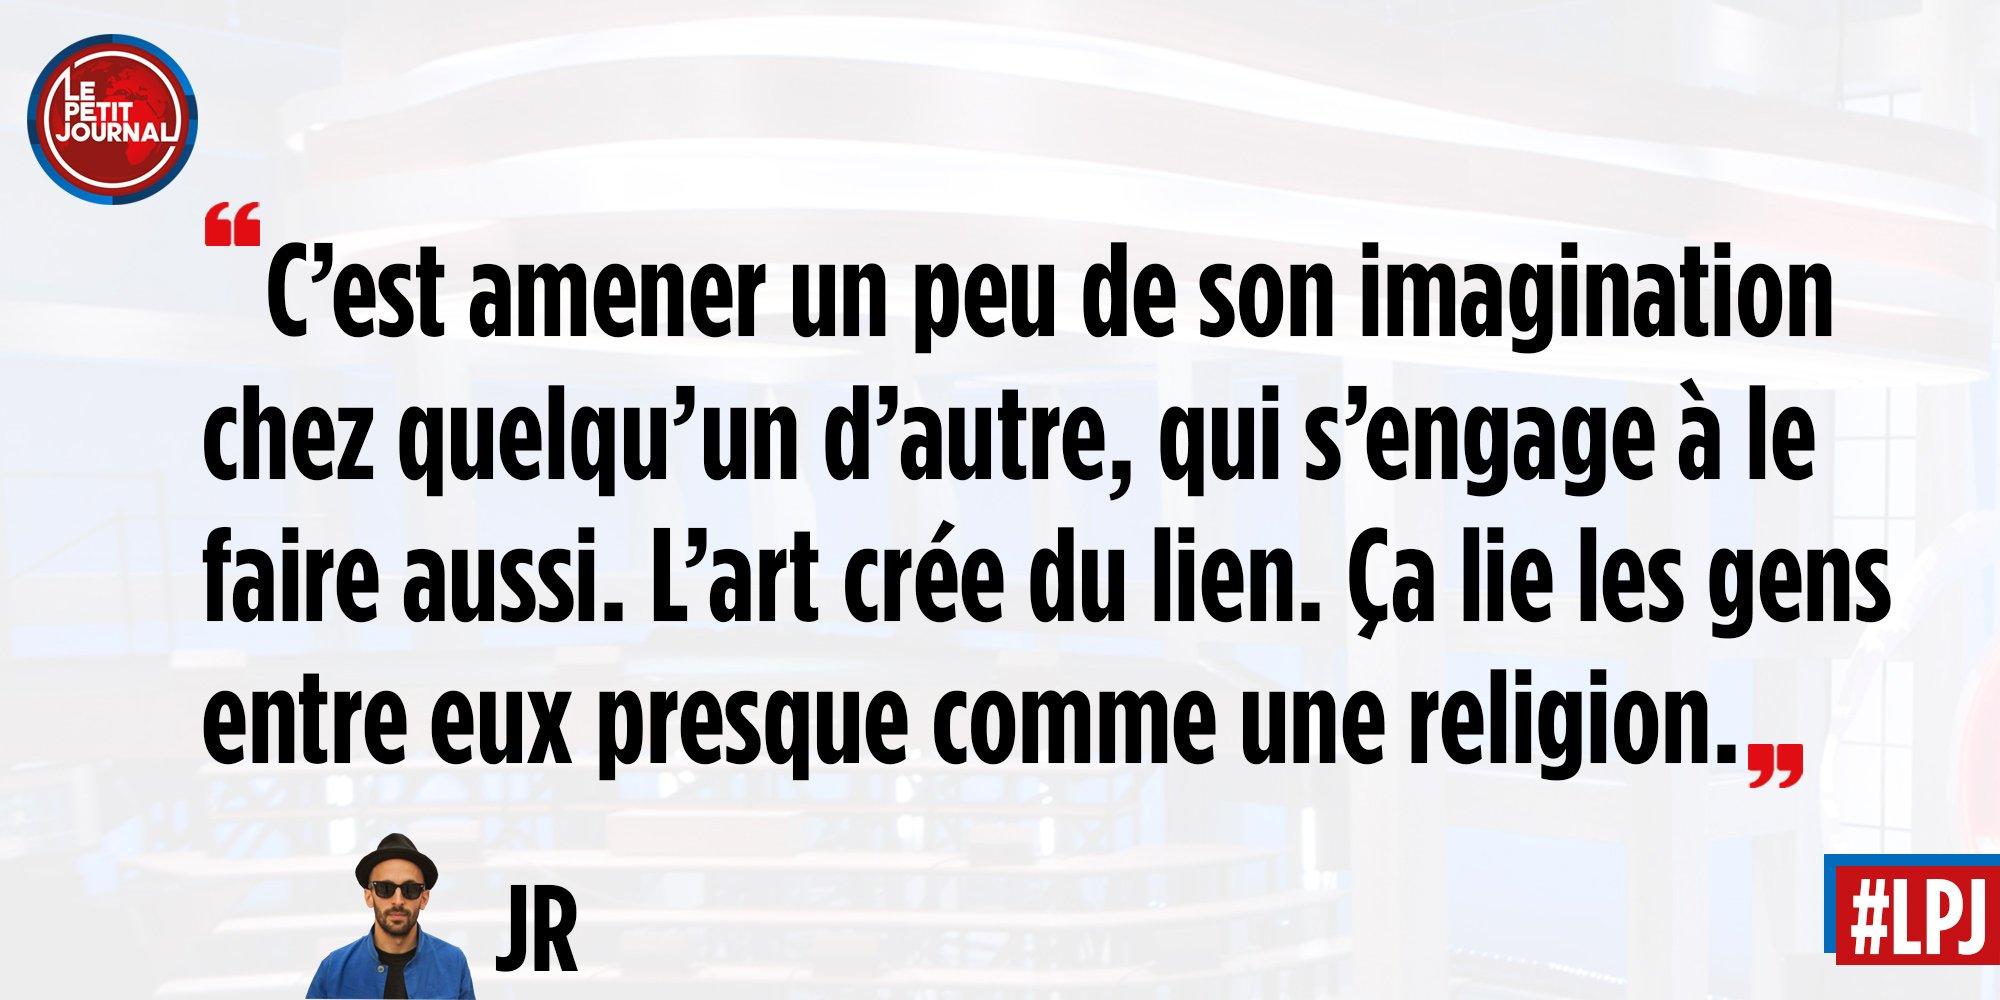 La définition de l'art par @JRart (et Agnès Varda !) #LPJ https://t.co/nixi7c5yg4